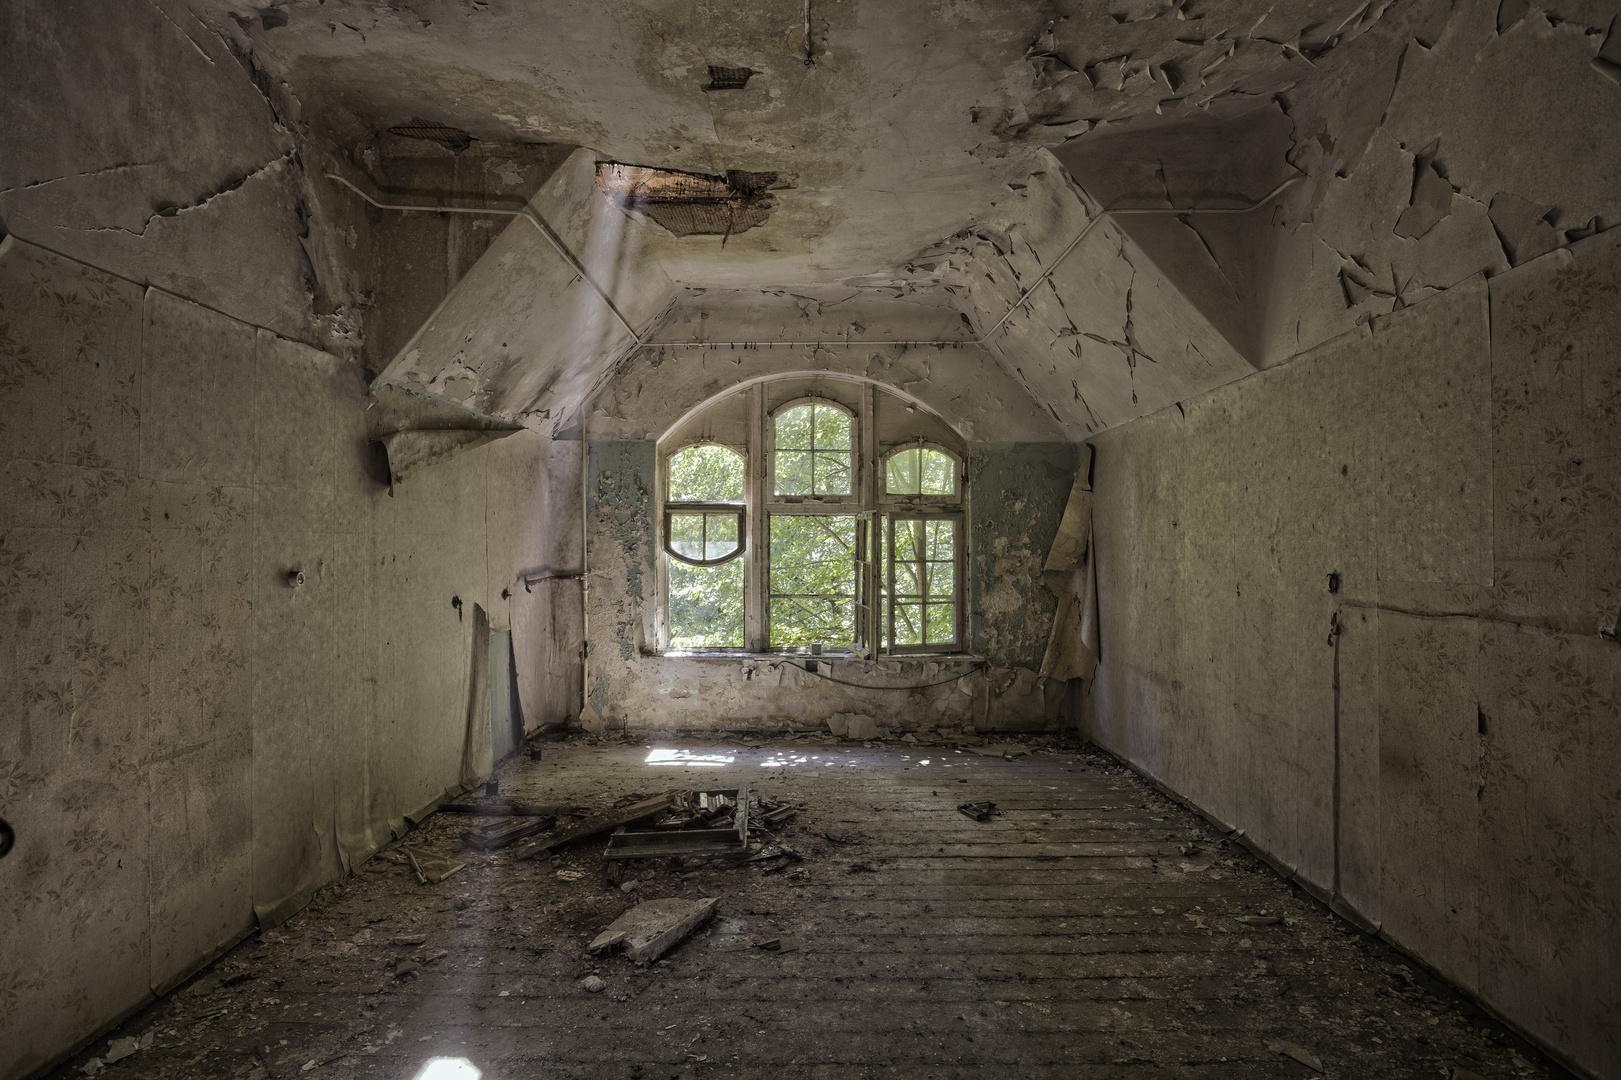 Beelitz Heilstätten - Frauensanatorium (35)